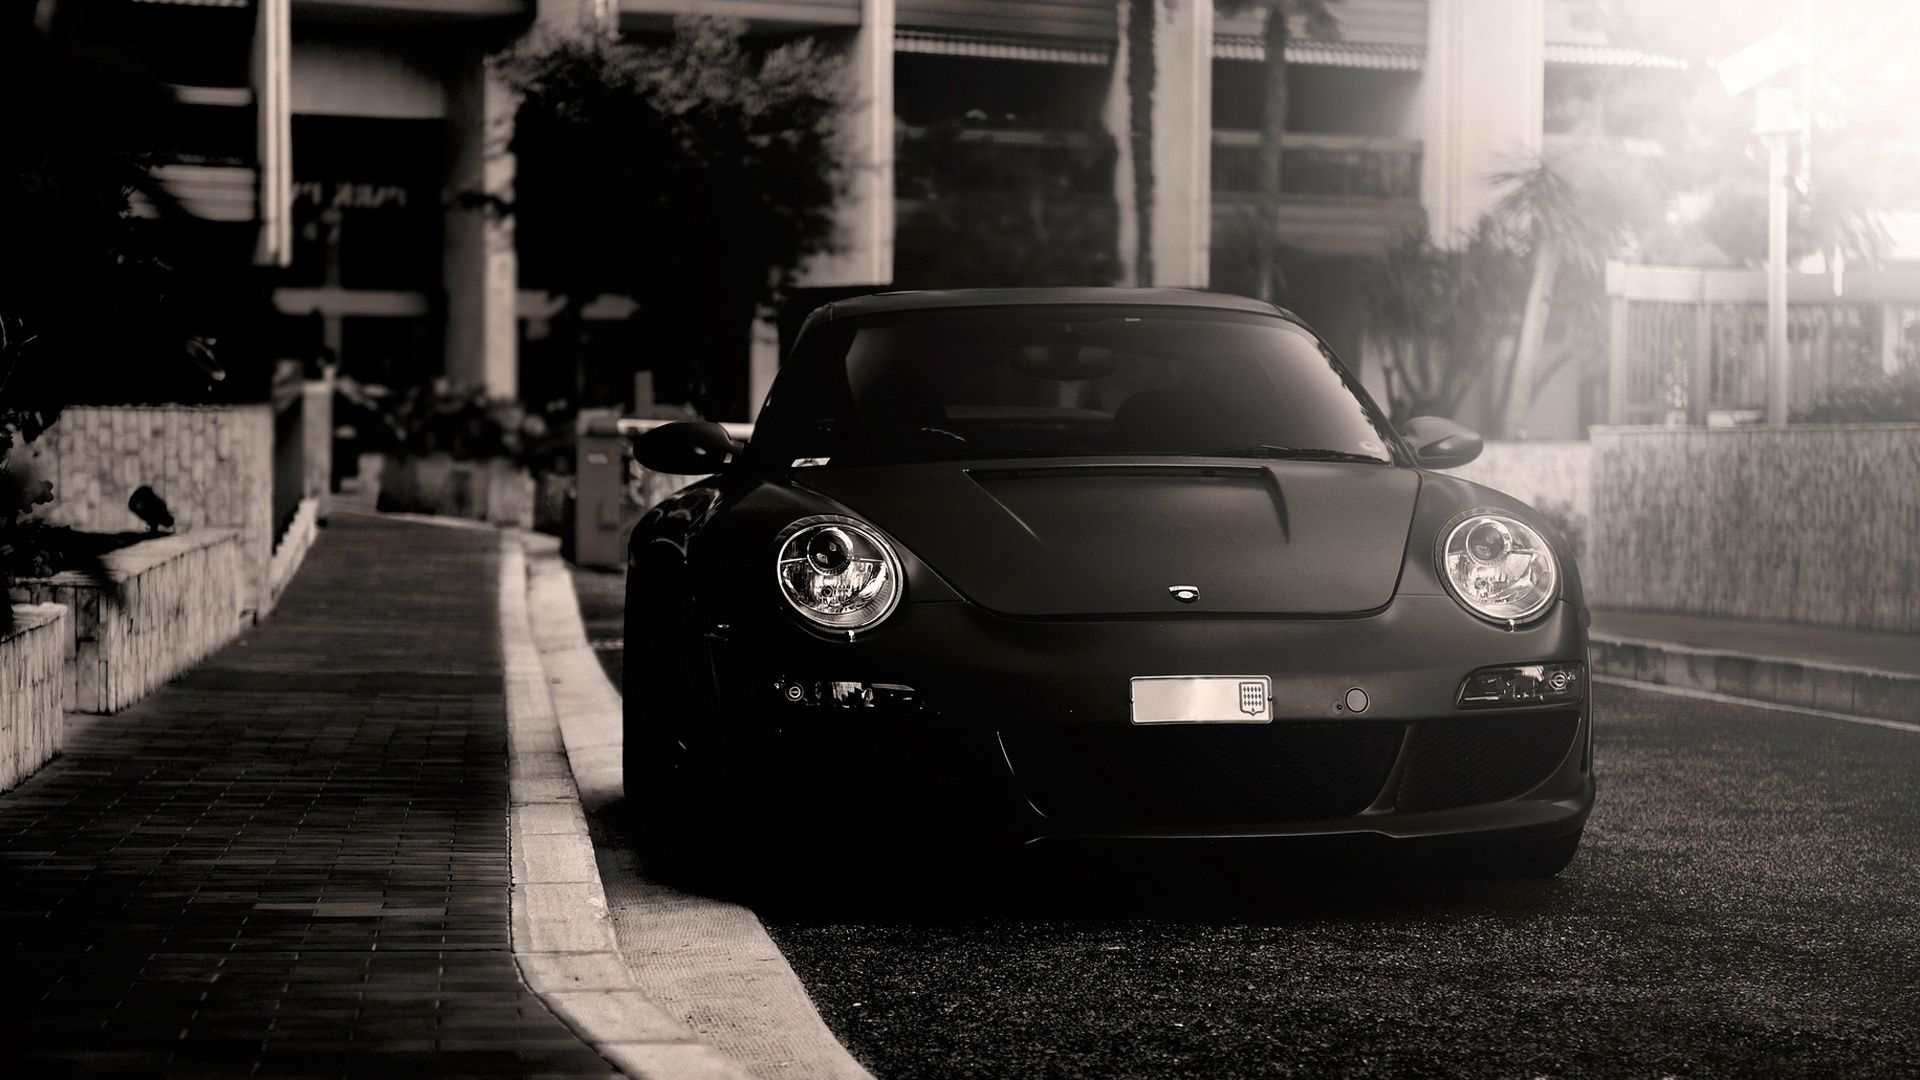 Porsche greyscale Wallpaper